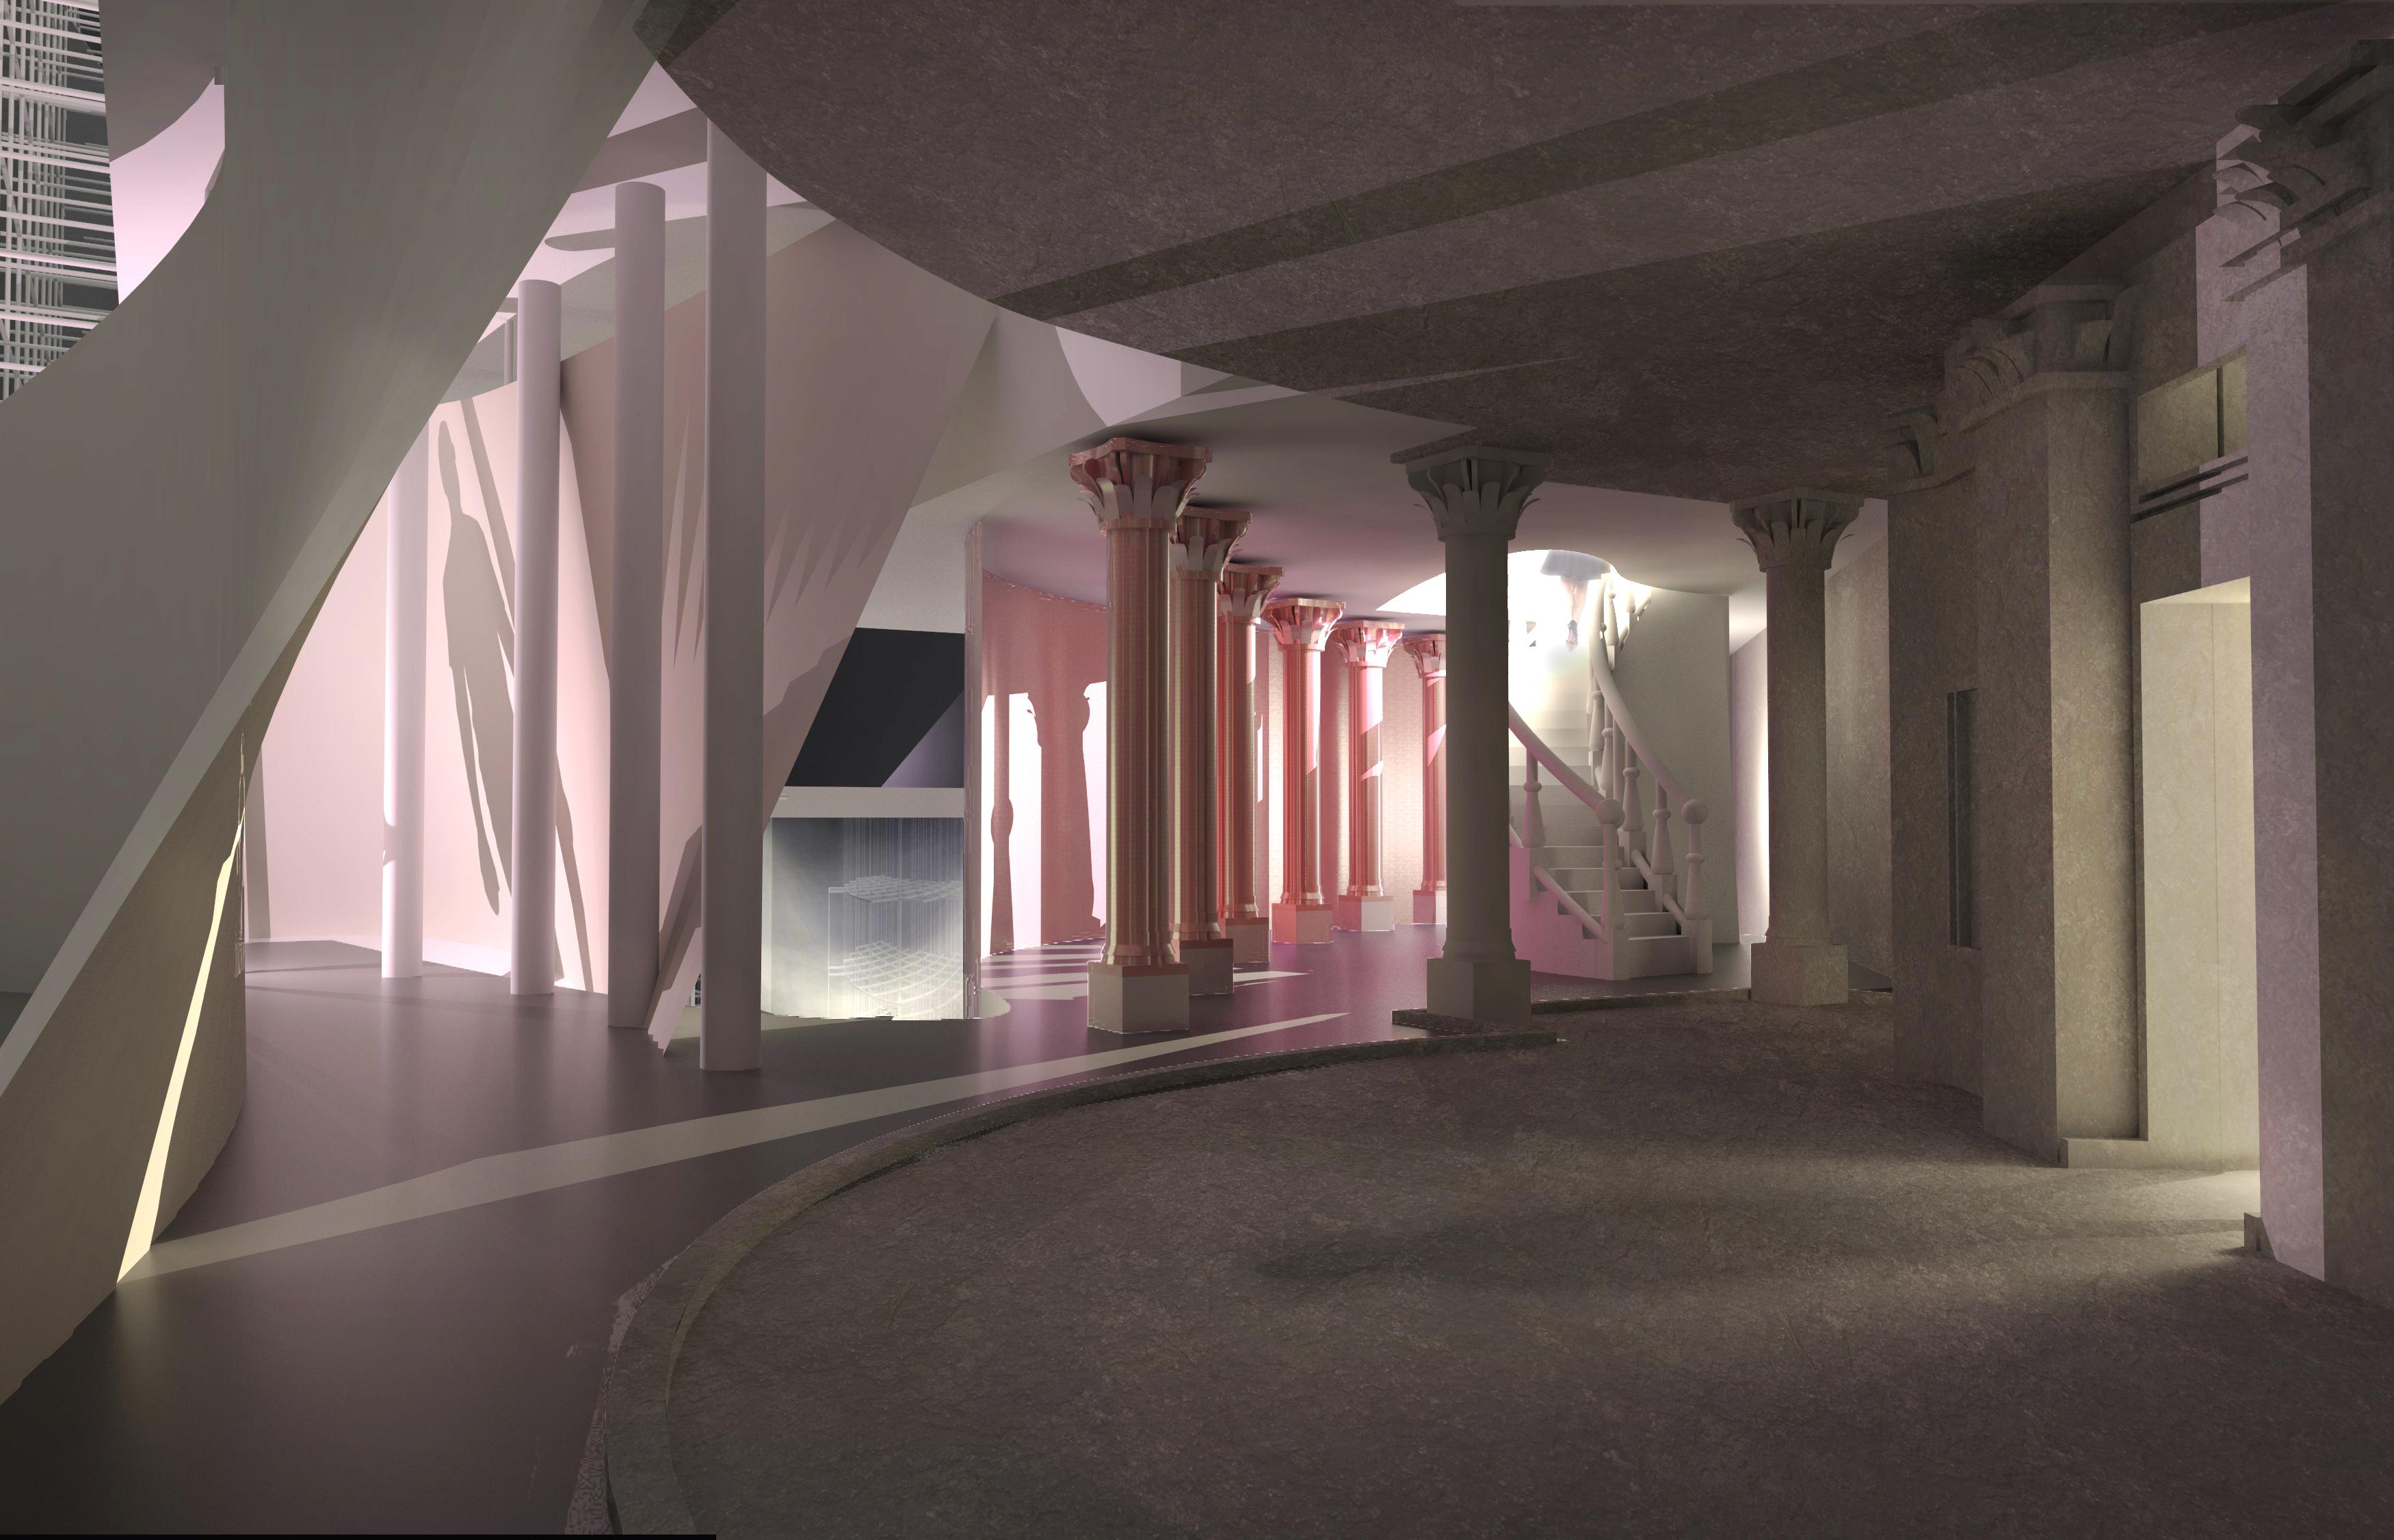 interior-scene